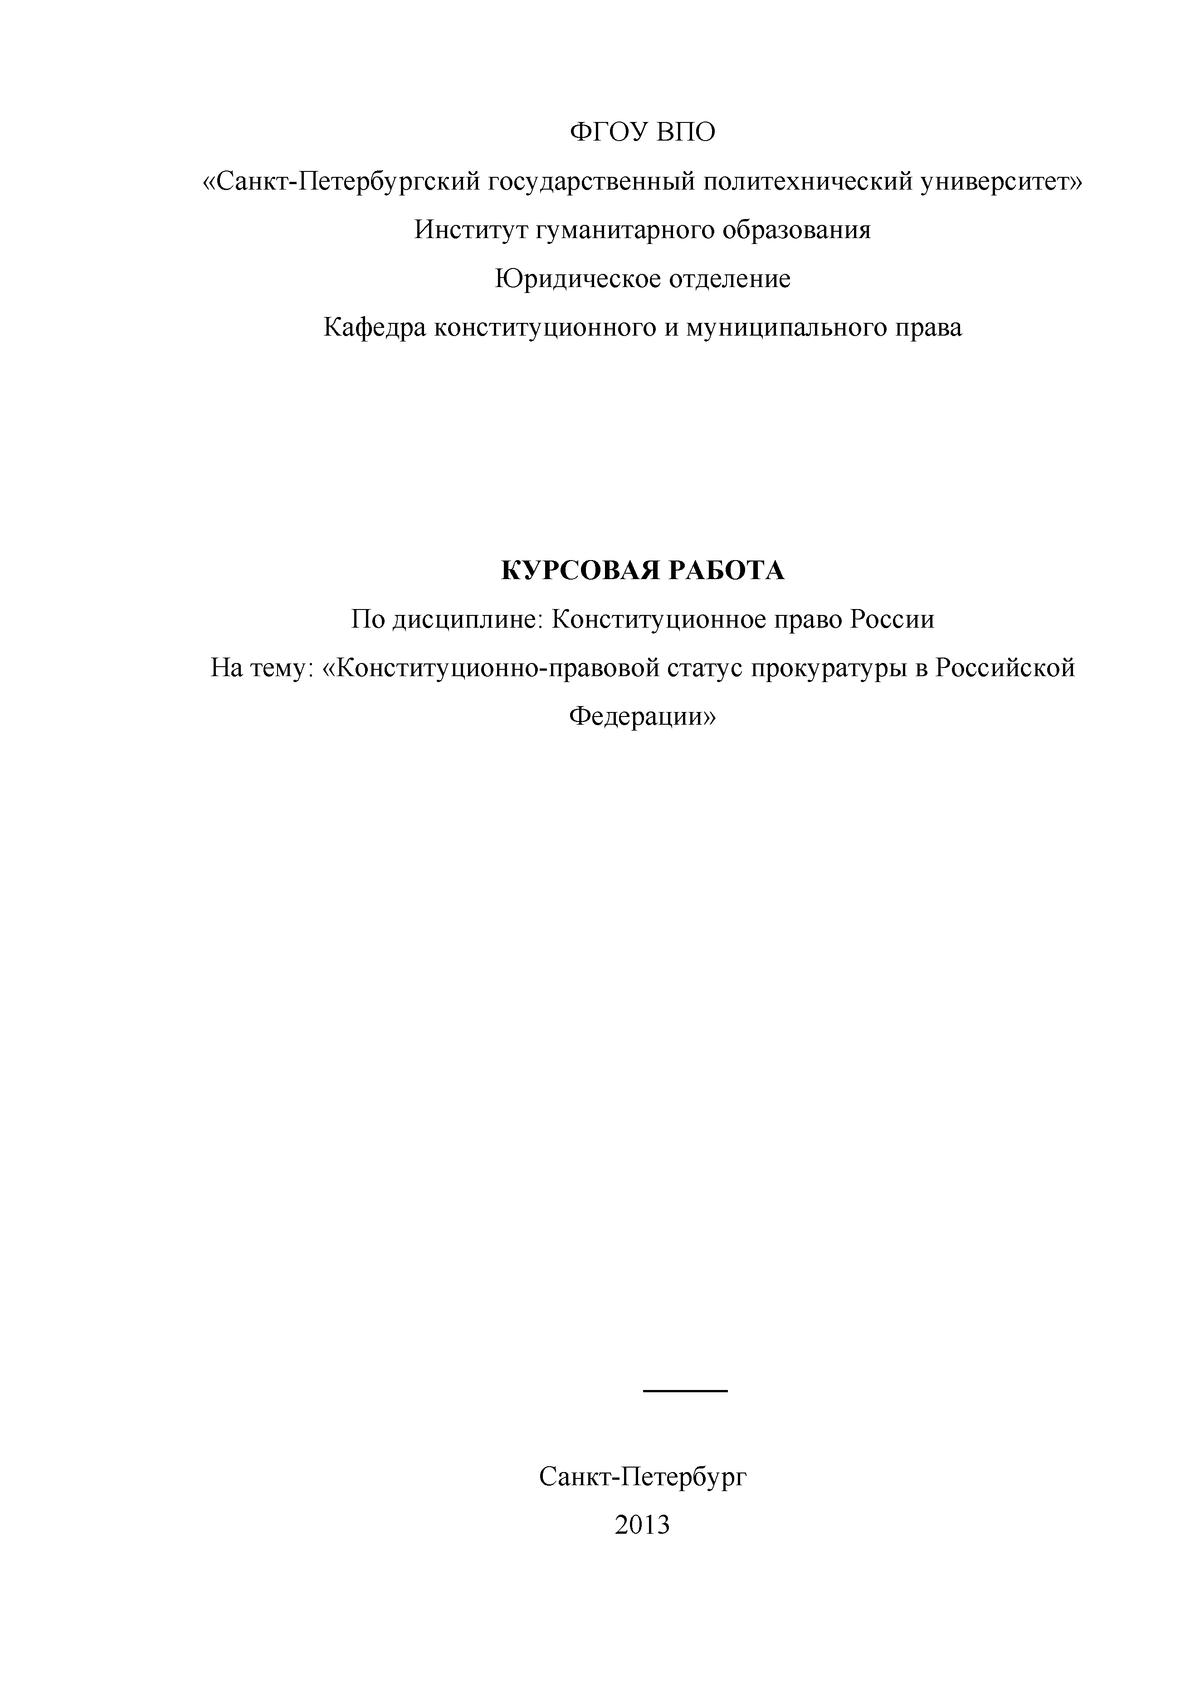 Суды рф курсовая работа 4587